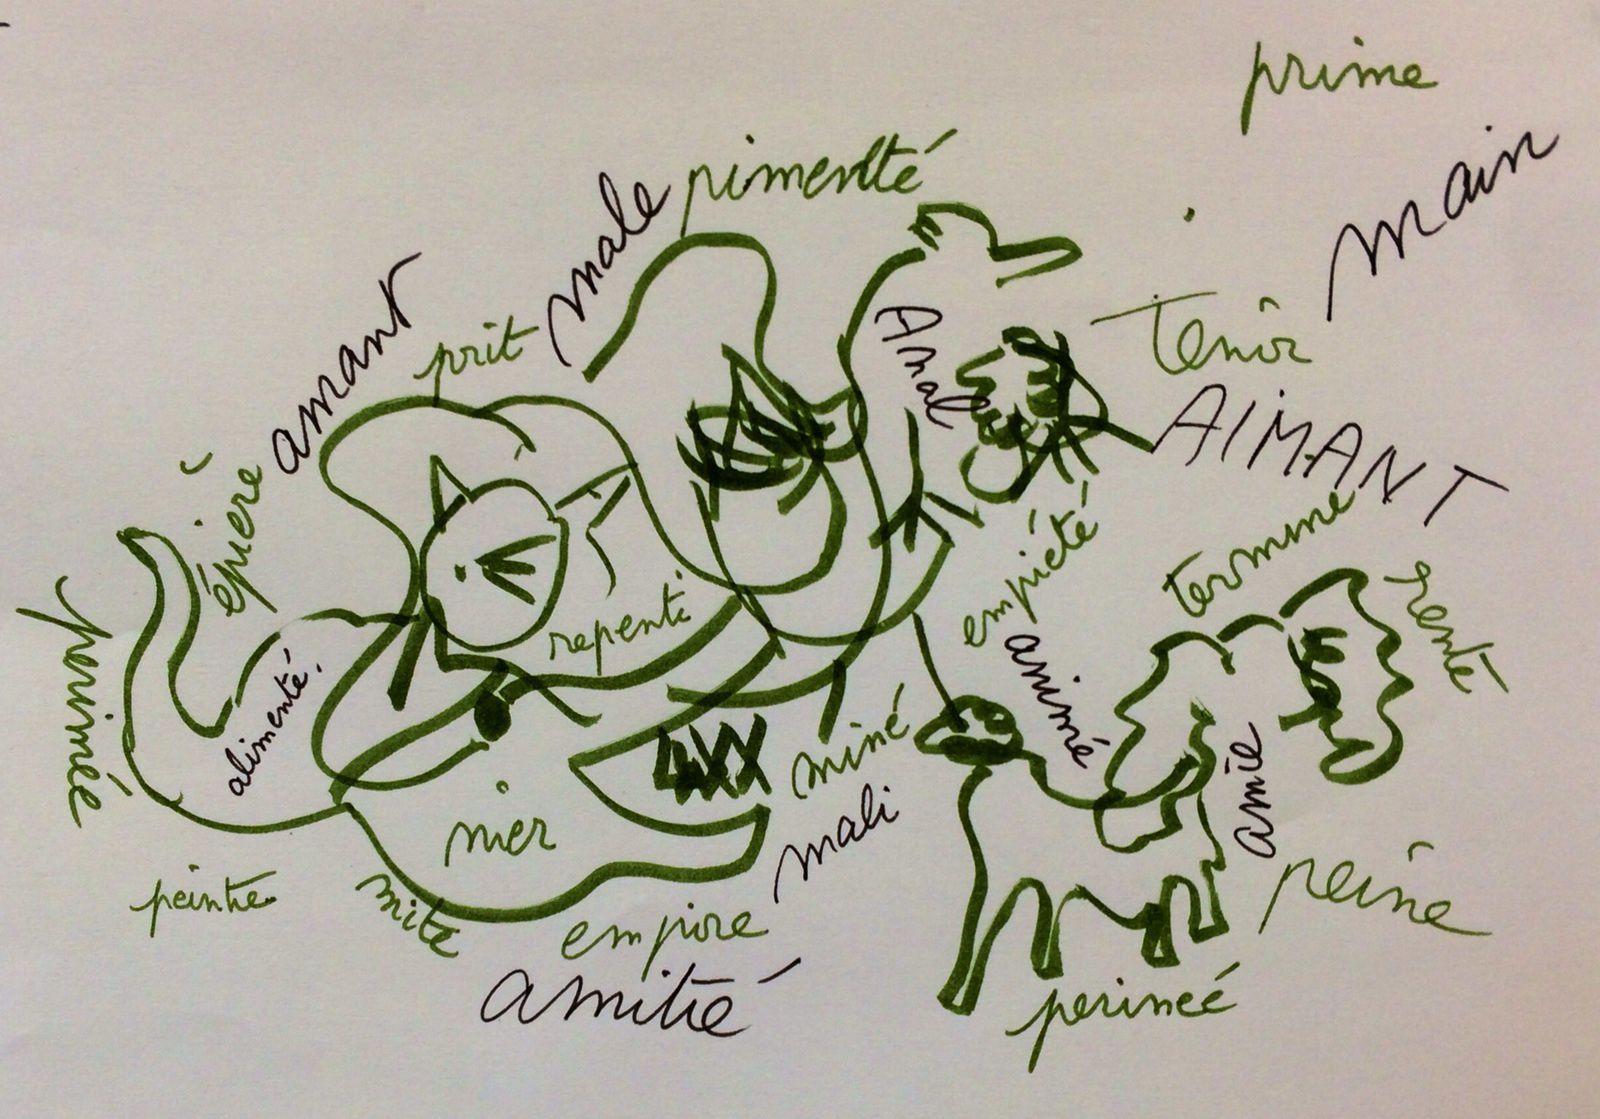 Les anagrammes des mots empreinte et animalité au coeur d'une frénésie animalière (tracée  les yeux fermés comme dans une caverne obscure platonicienne)